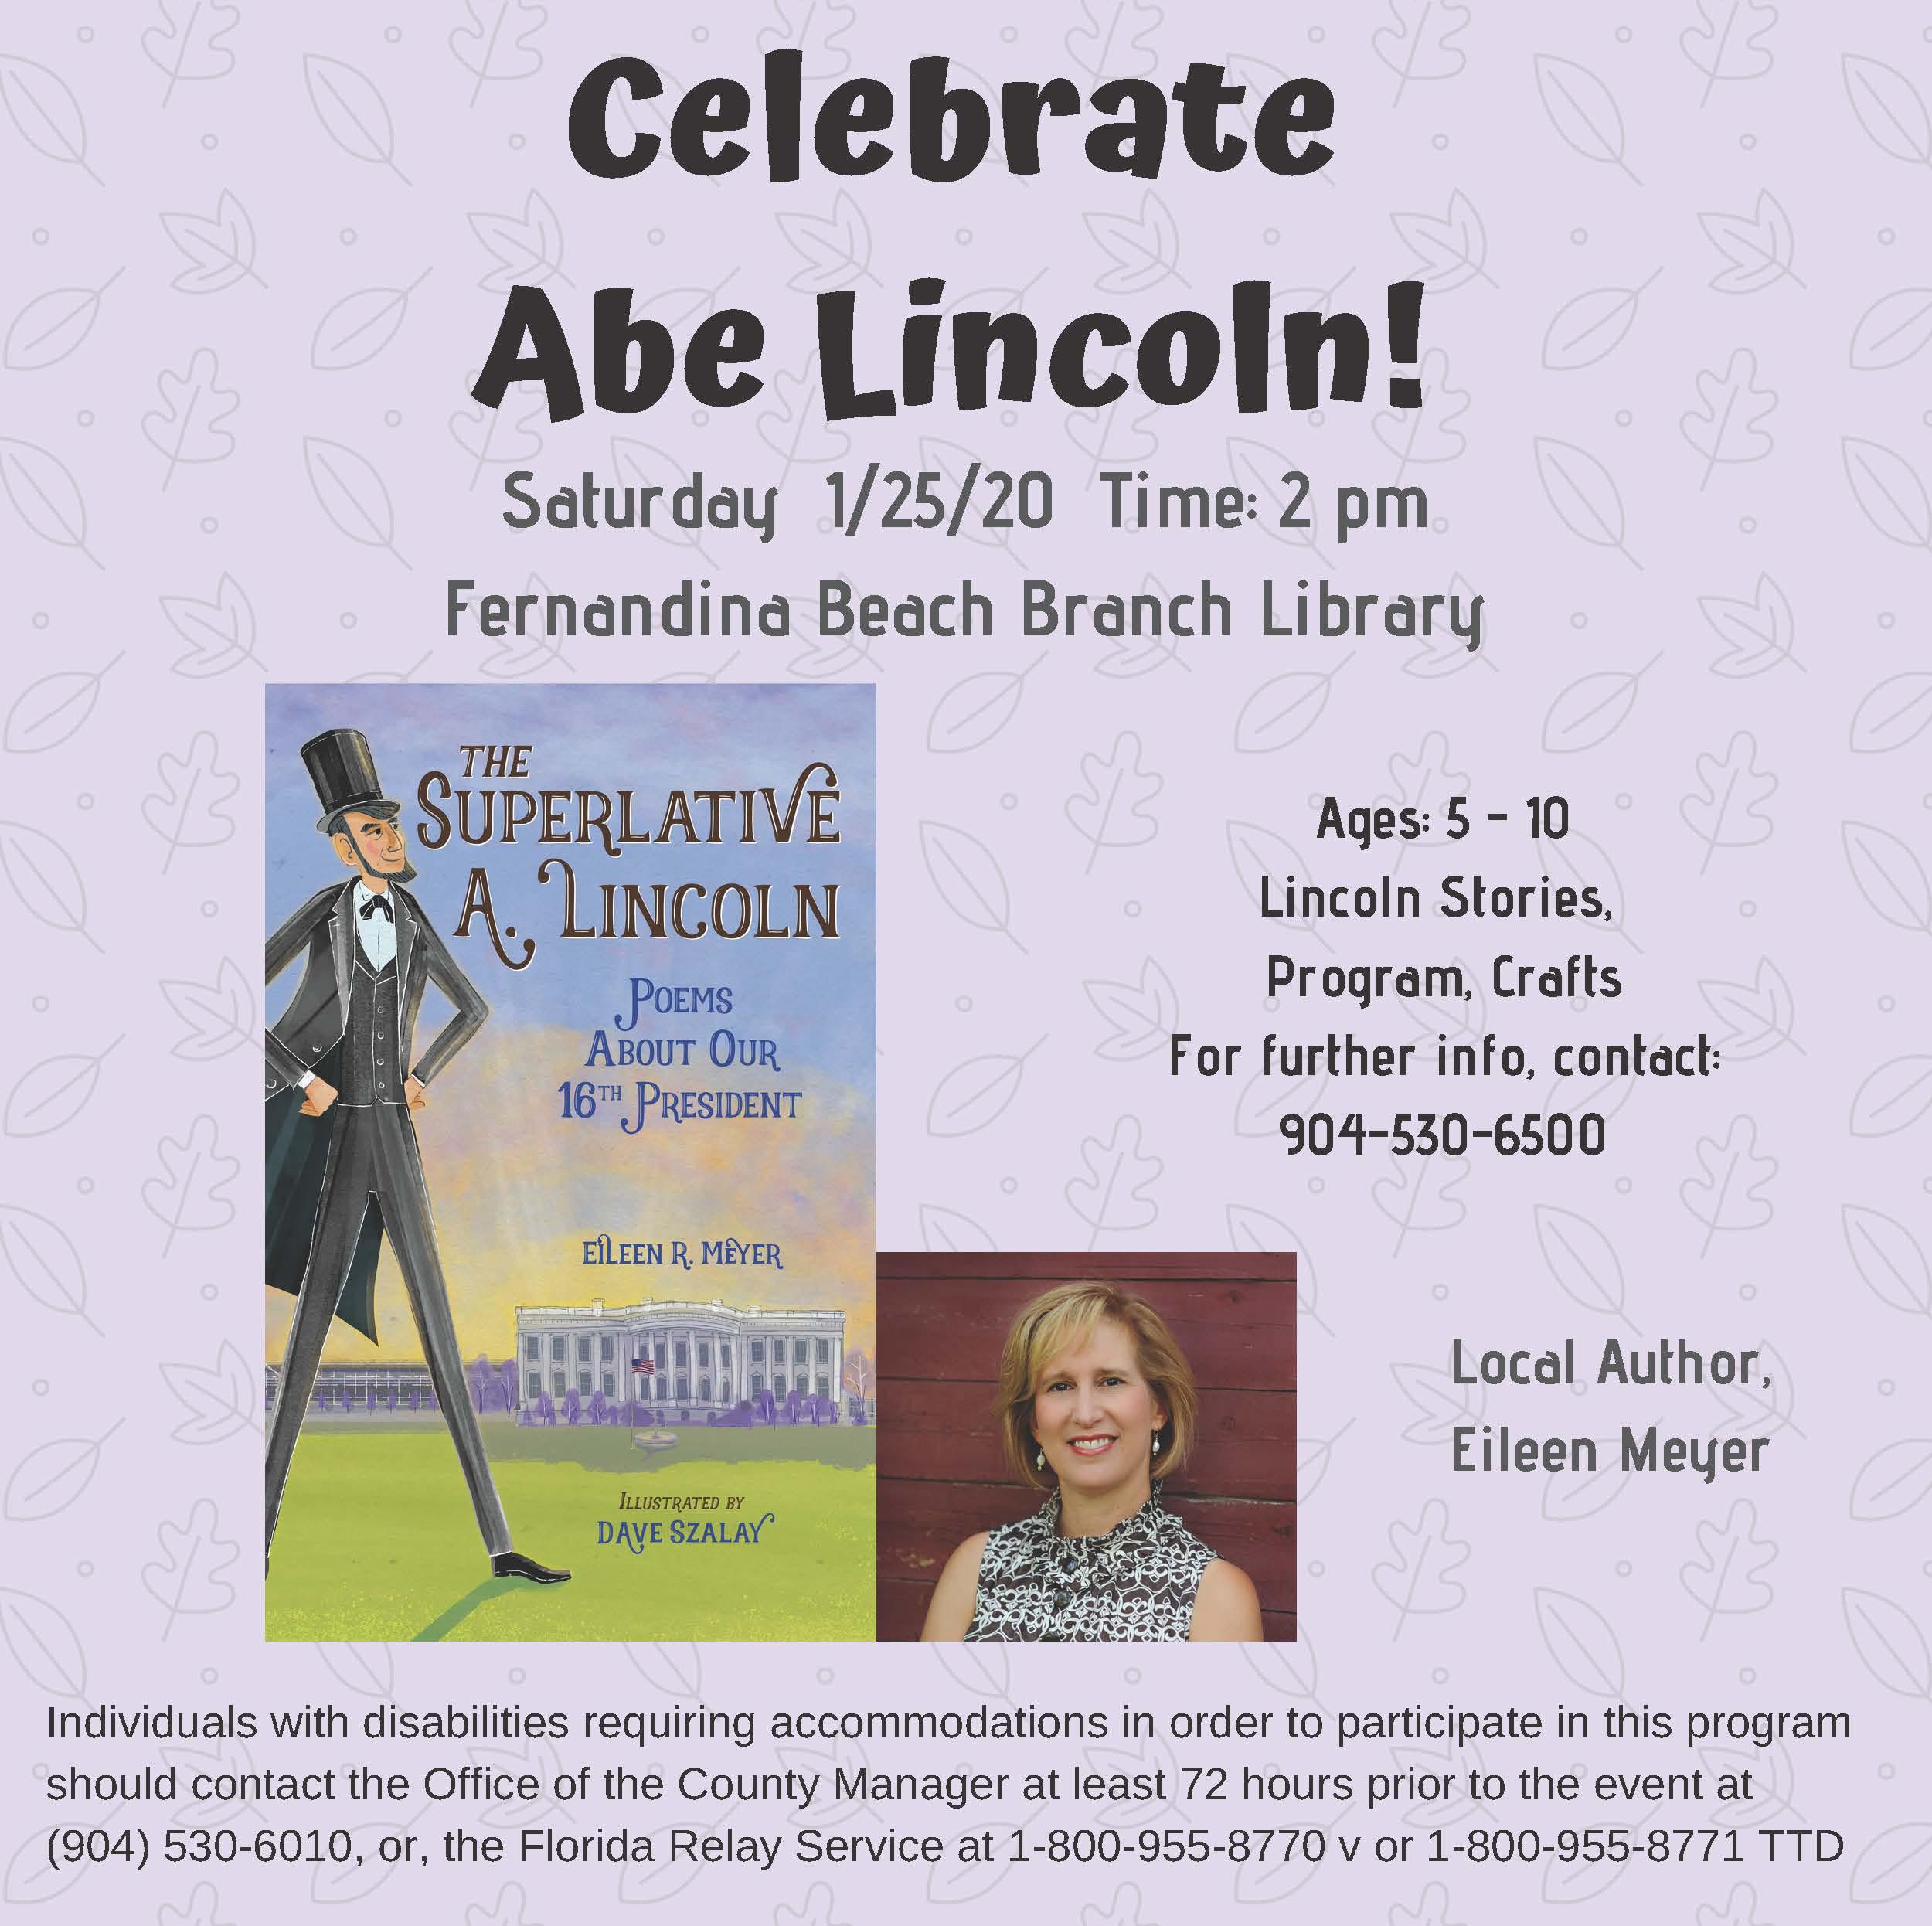 Celebrate Abe Lincoln